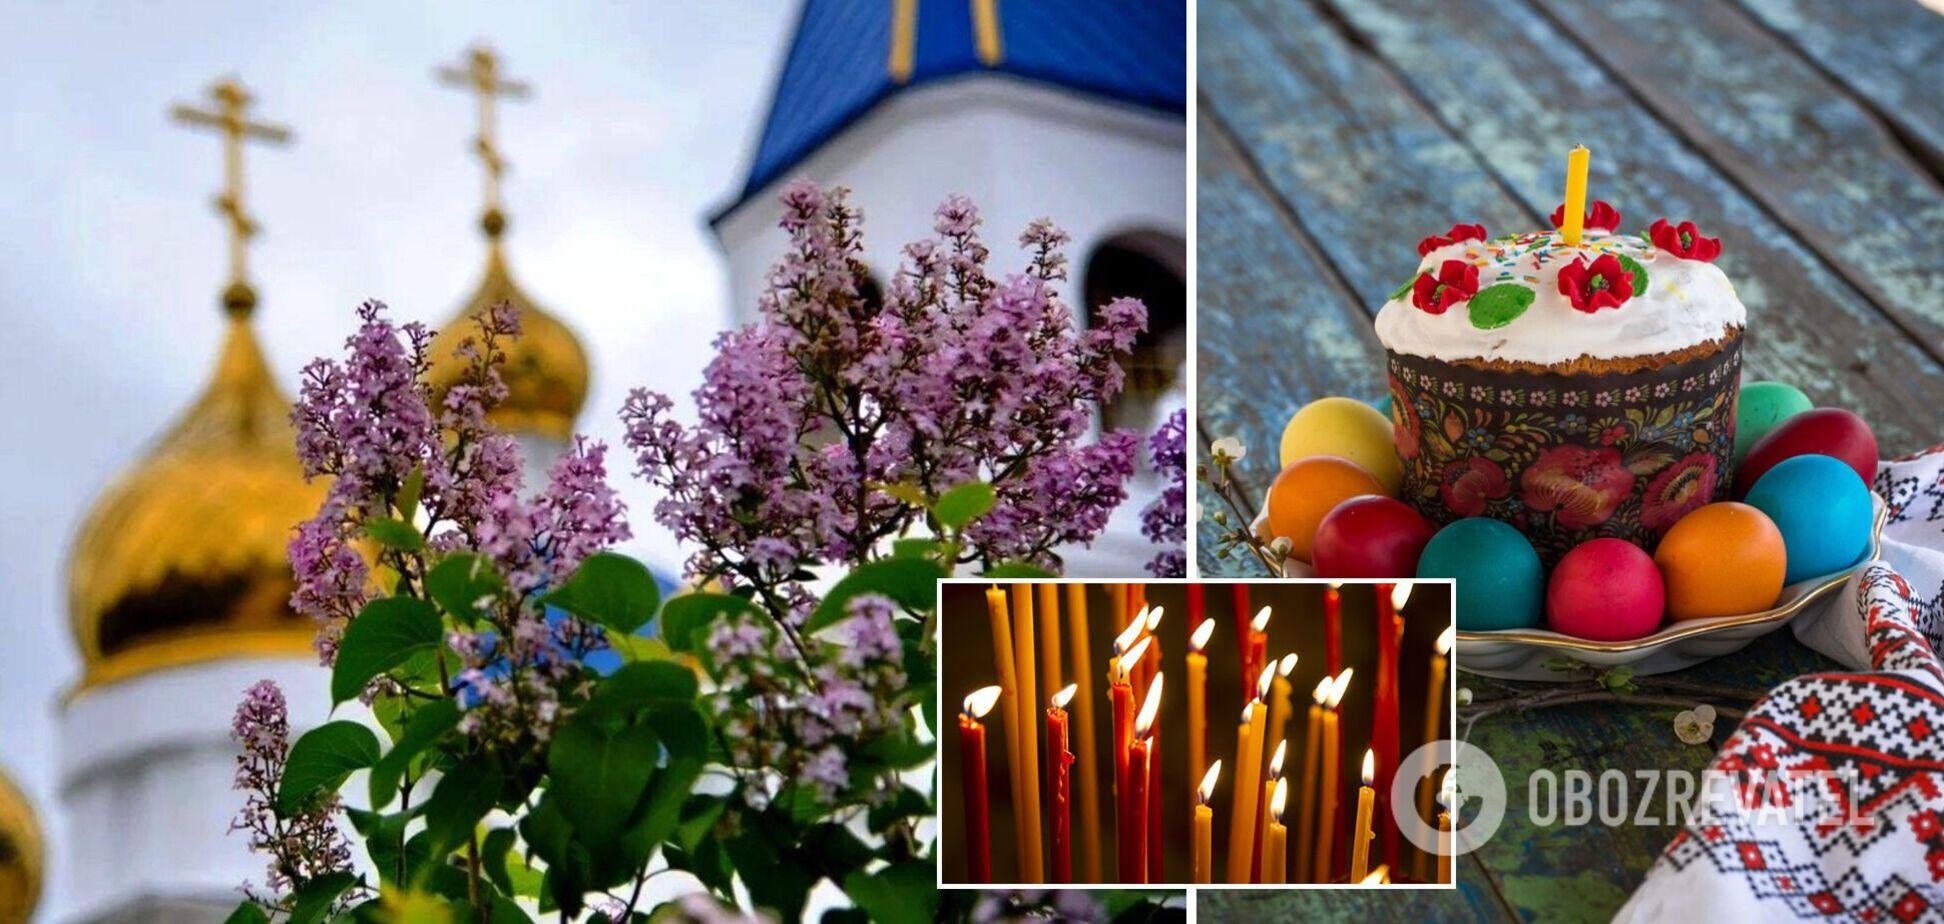 Украина отметила Пасху-2021: все детали празднования в условиях карантина